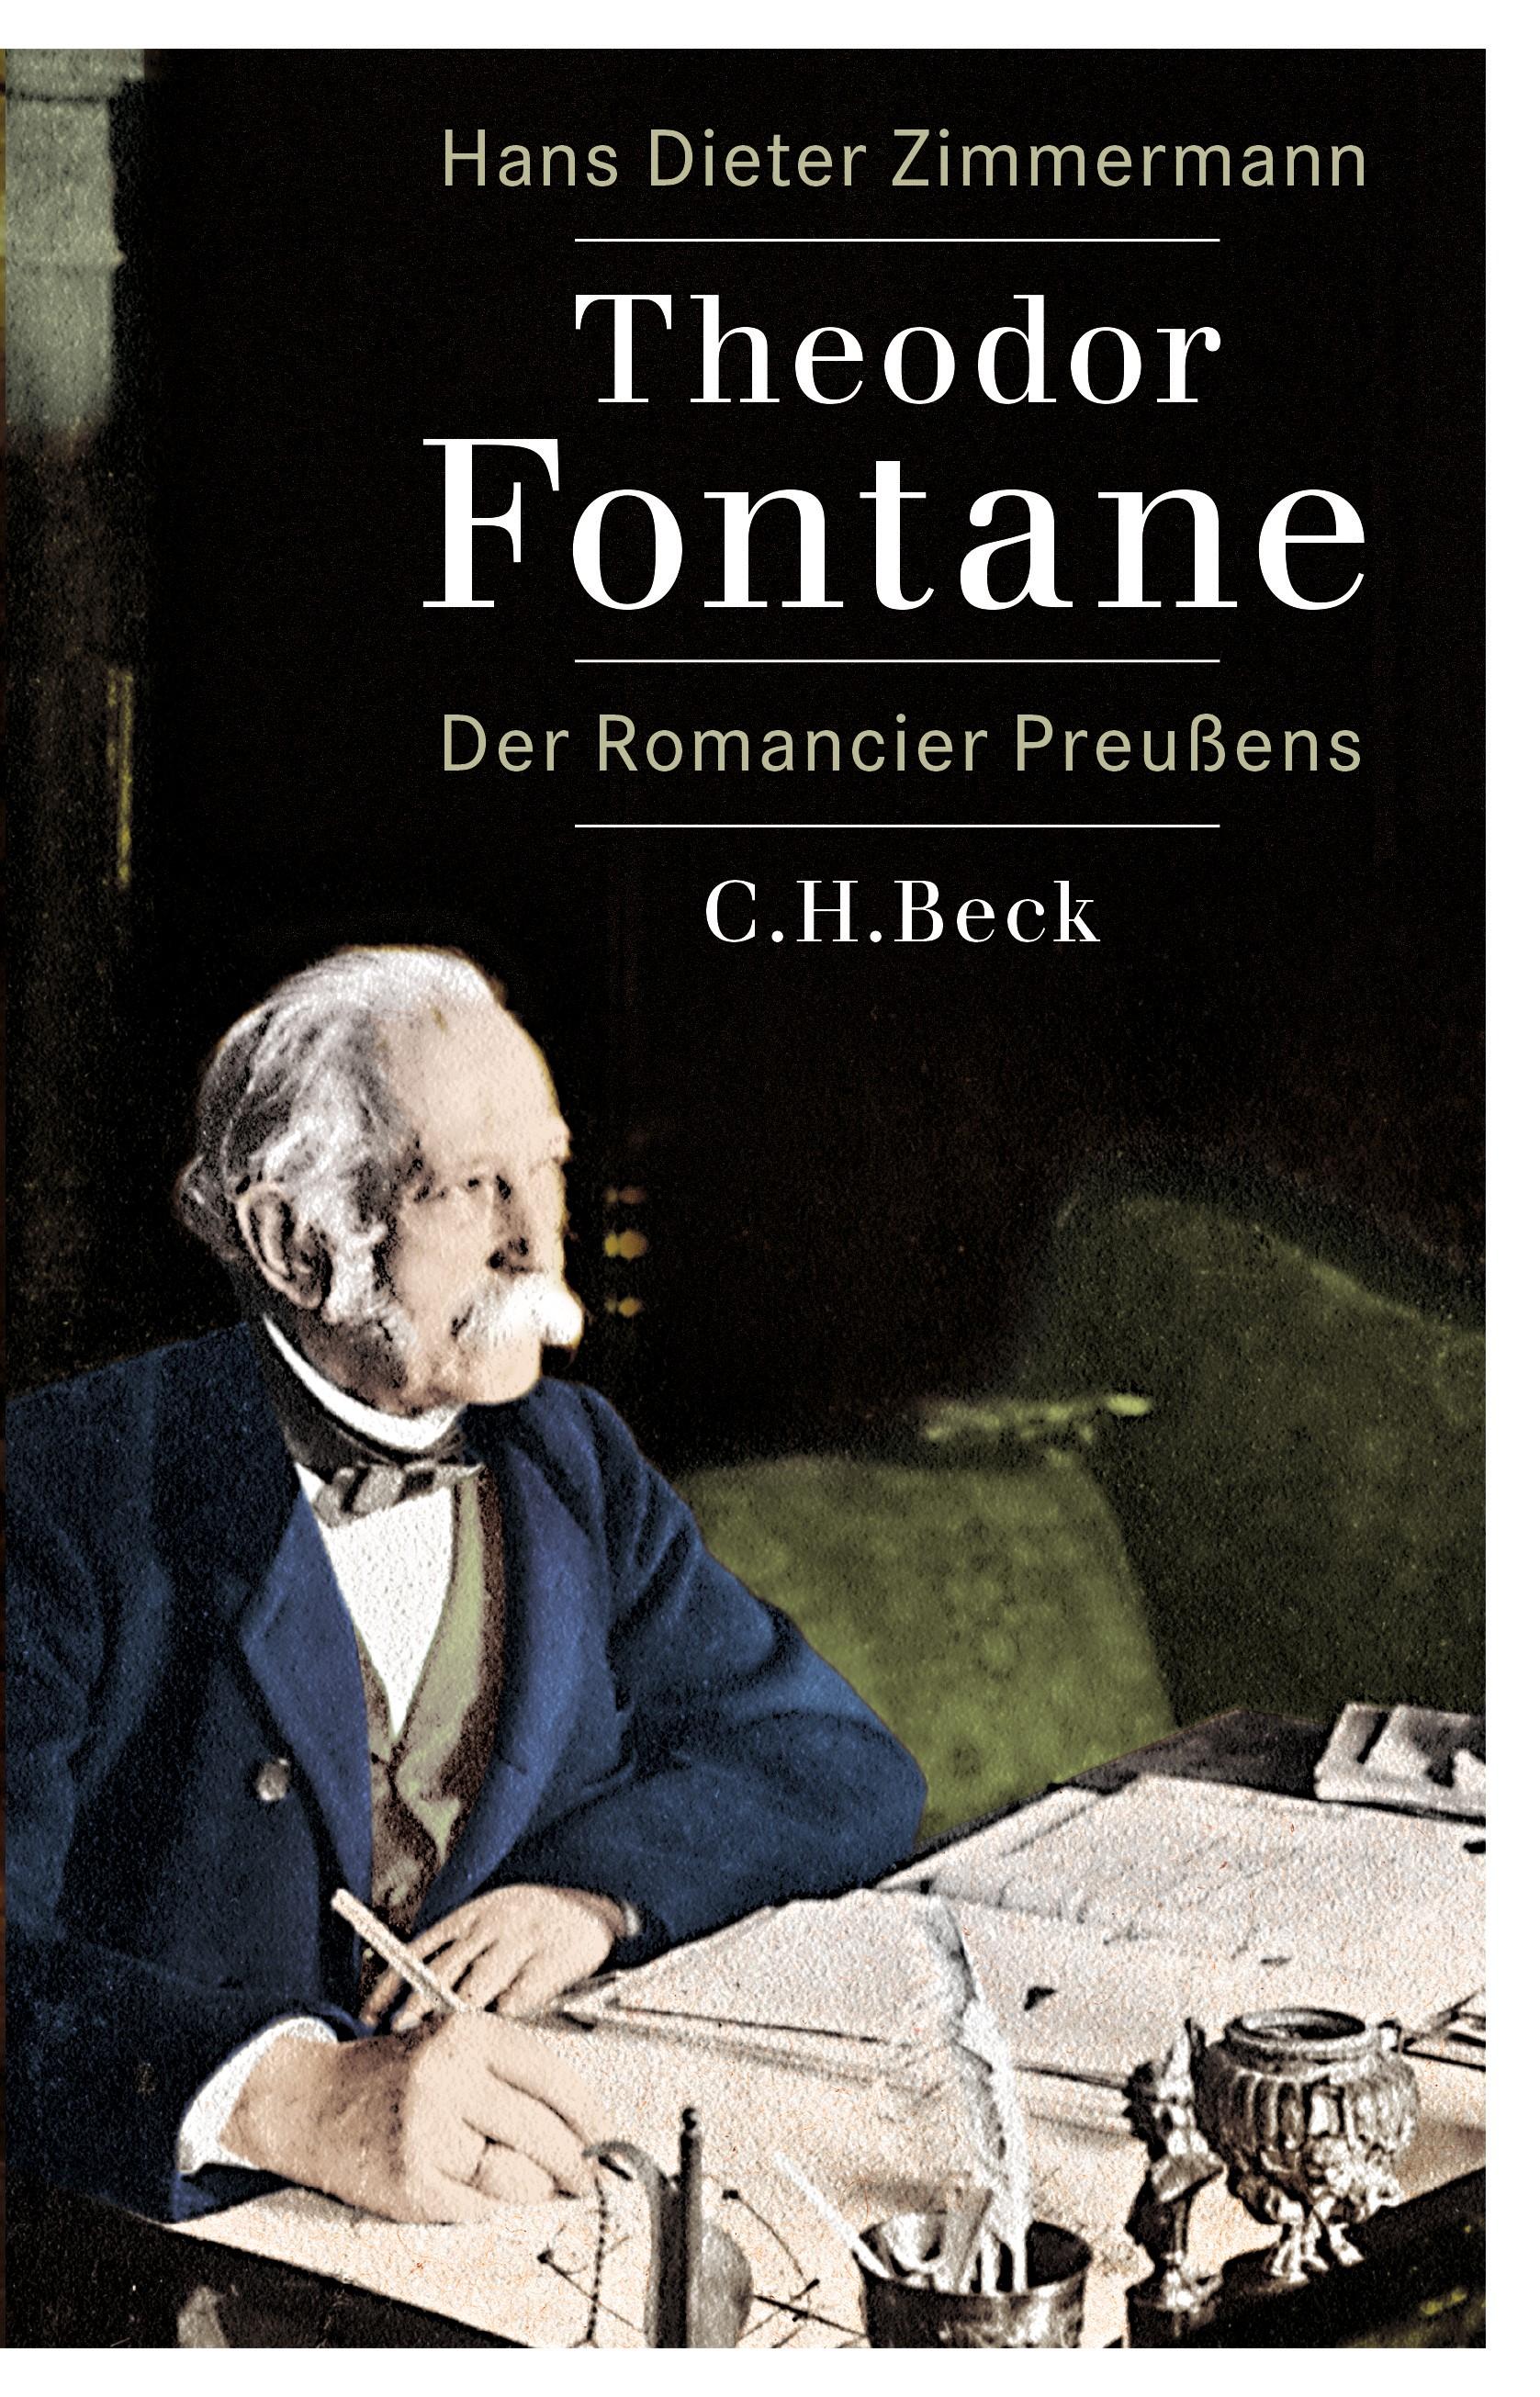 Abbildung von Zimmermann, Hans Dieter   Theodor Fontane   2019